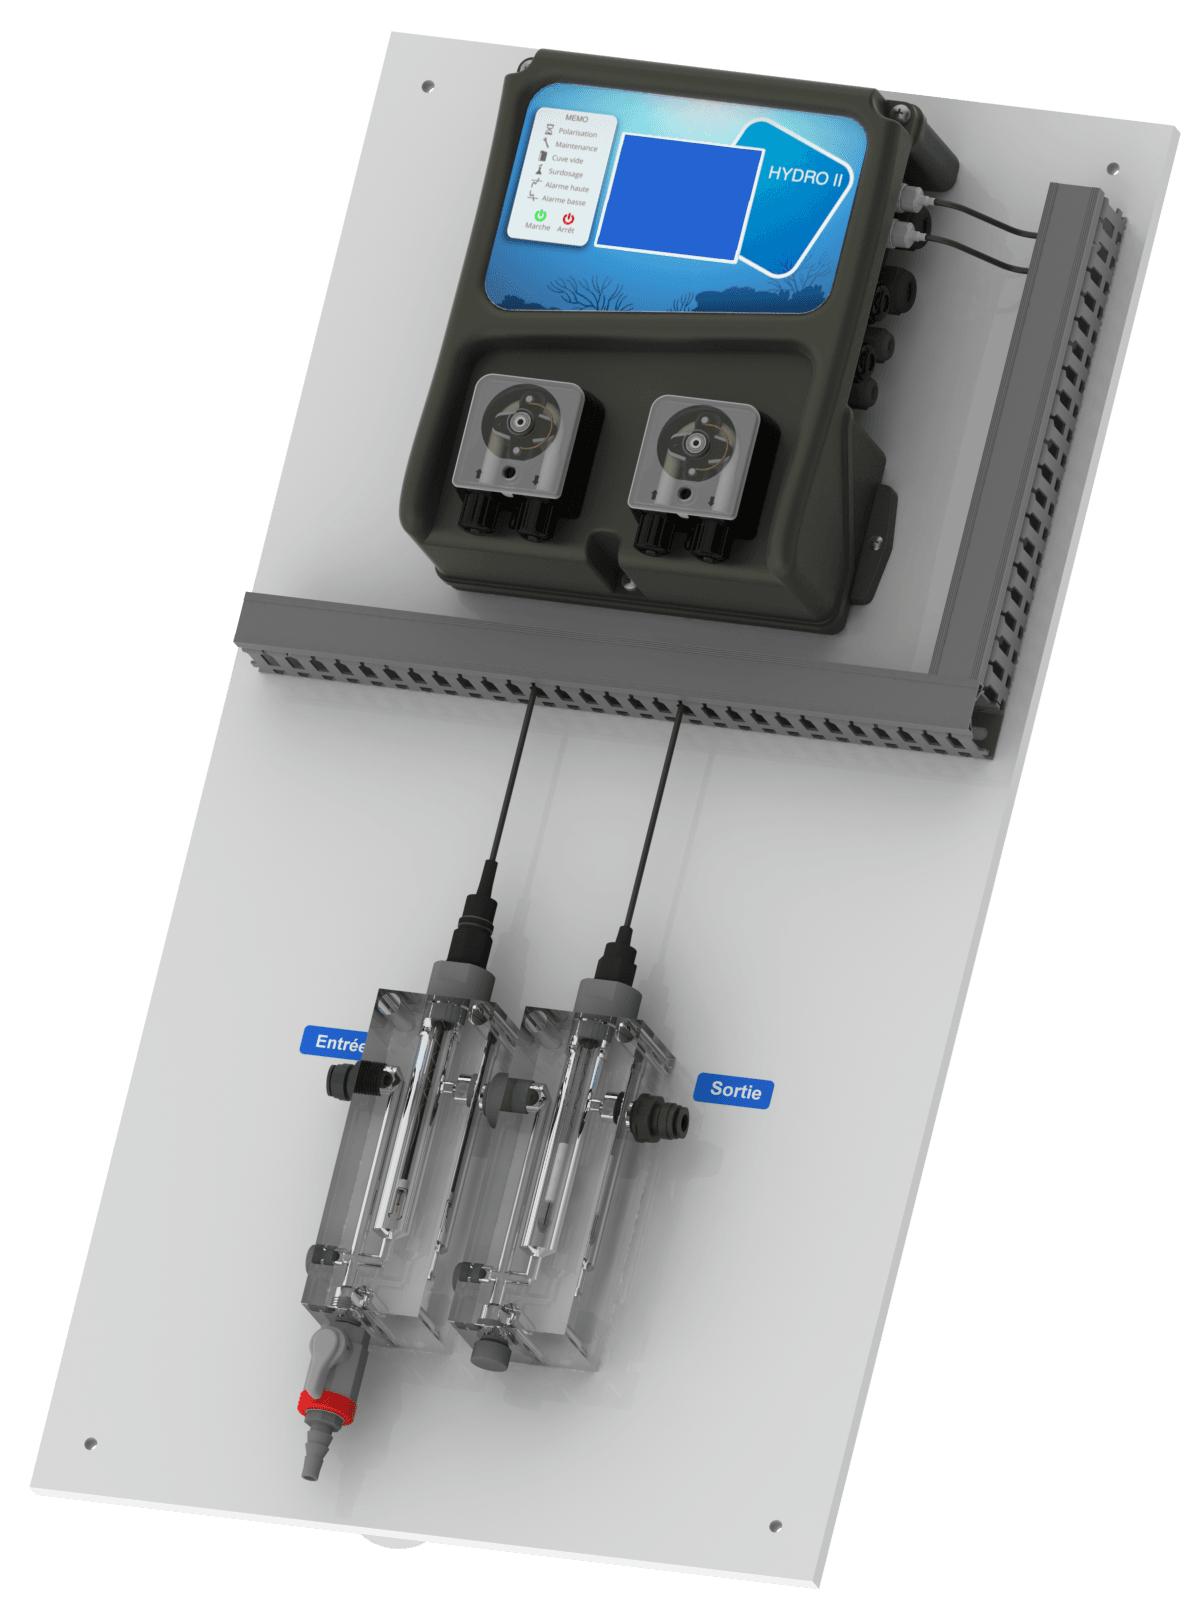 Syclope Electronique | Qualité De L'eau Pour Piscines ... avec Regulateur Ph Et Chlore Piscine